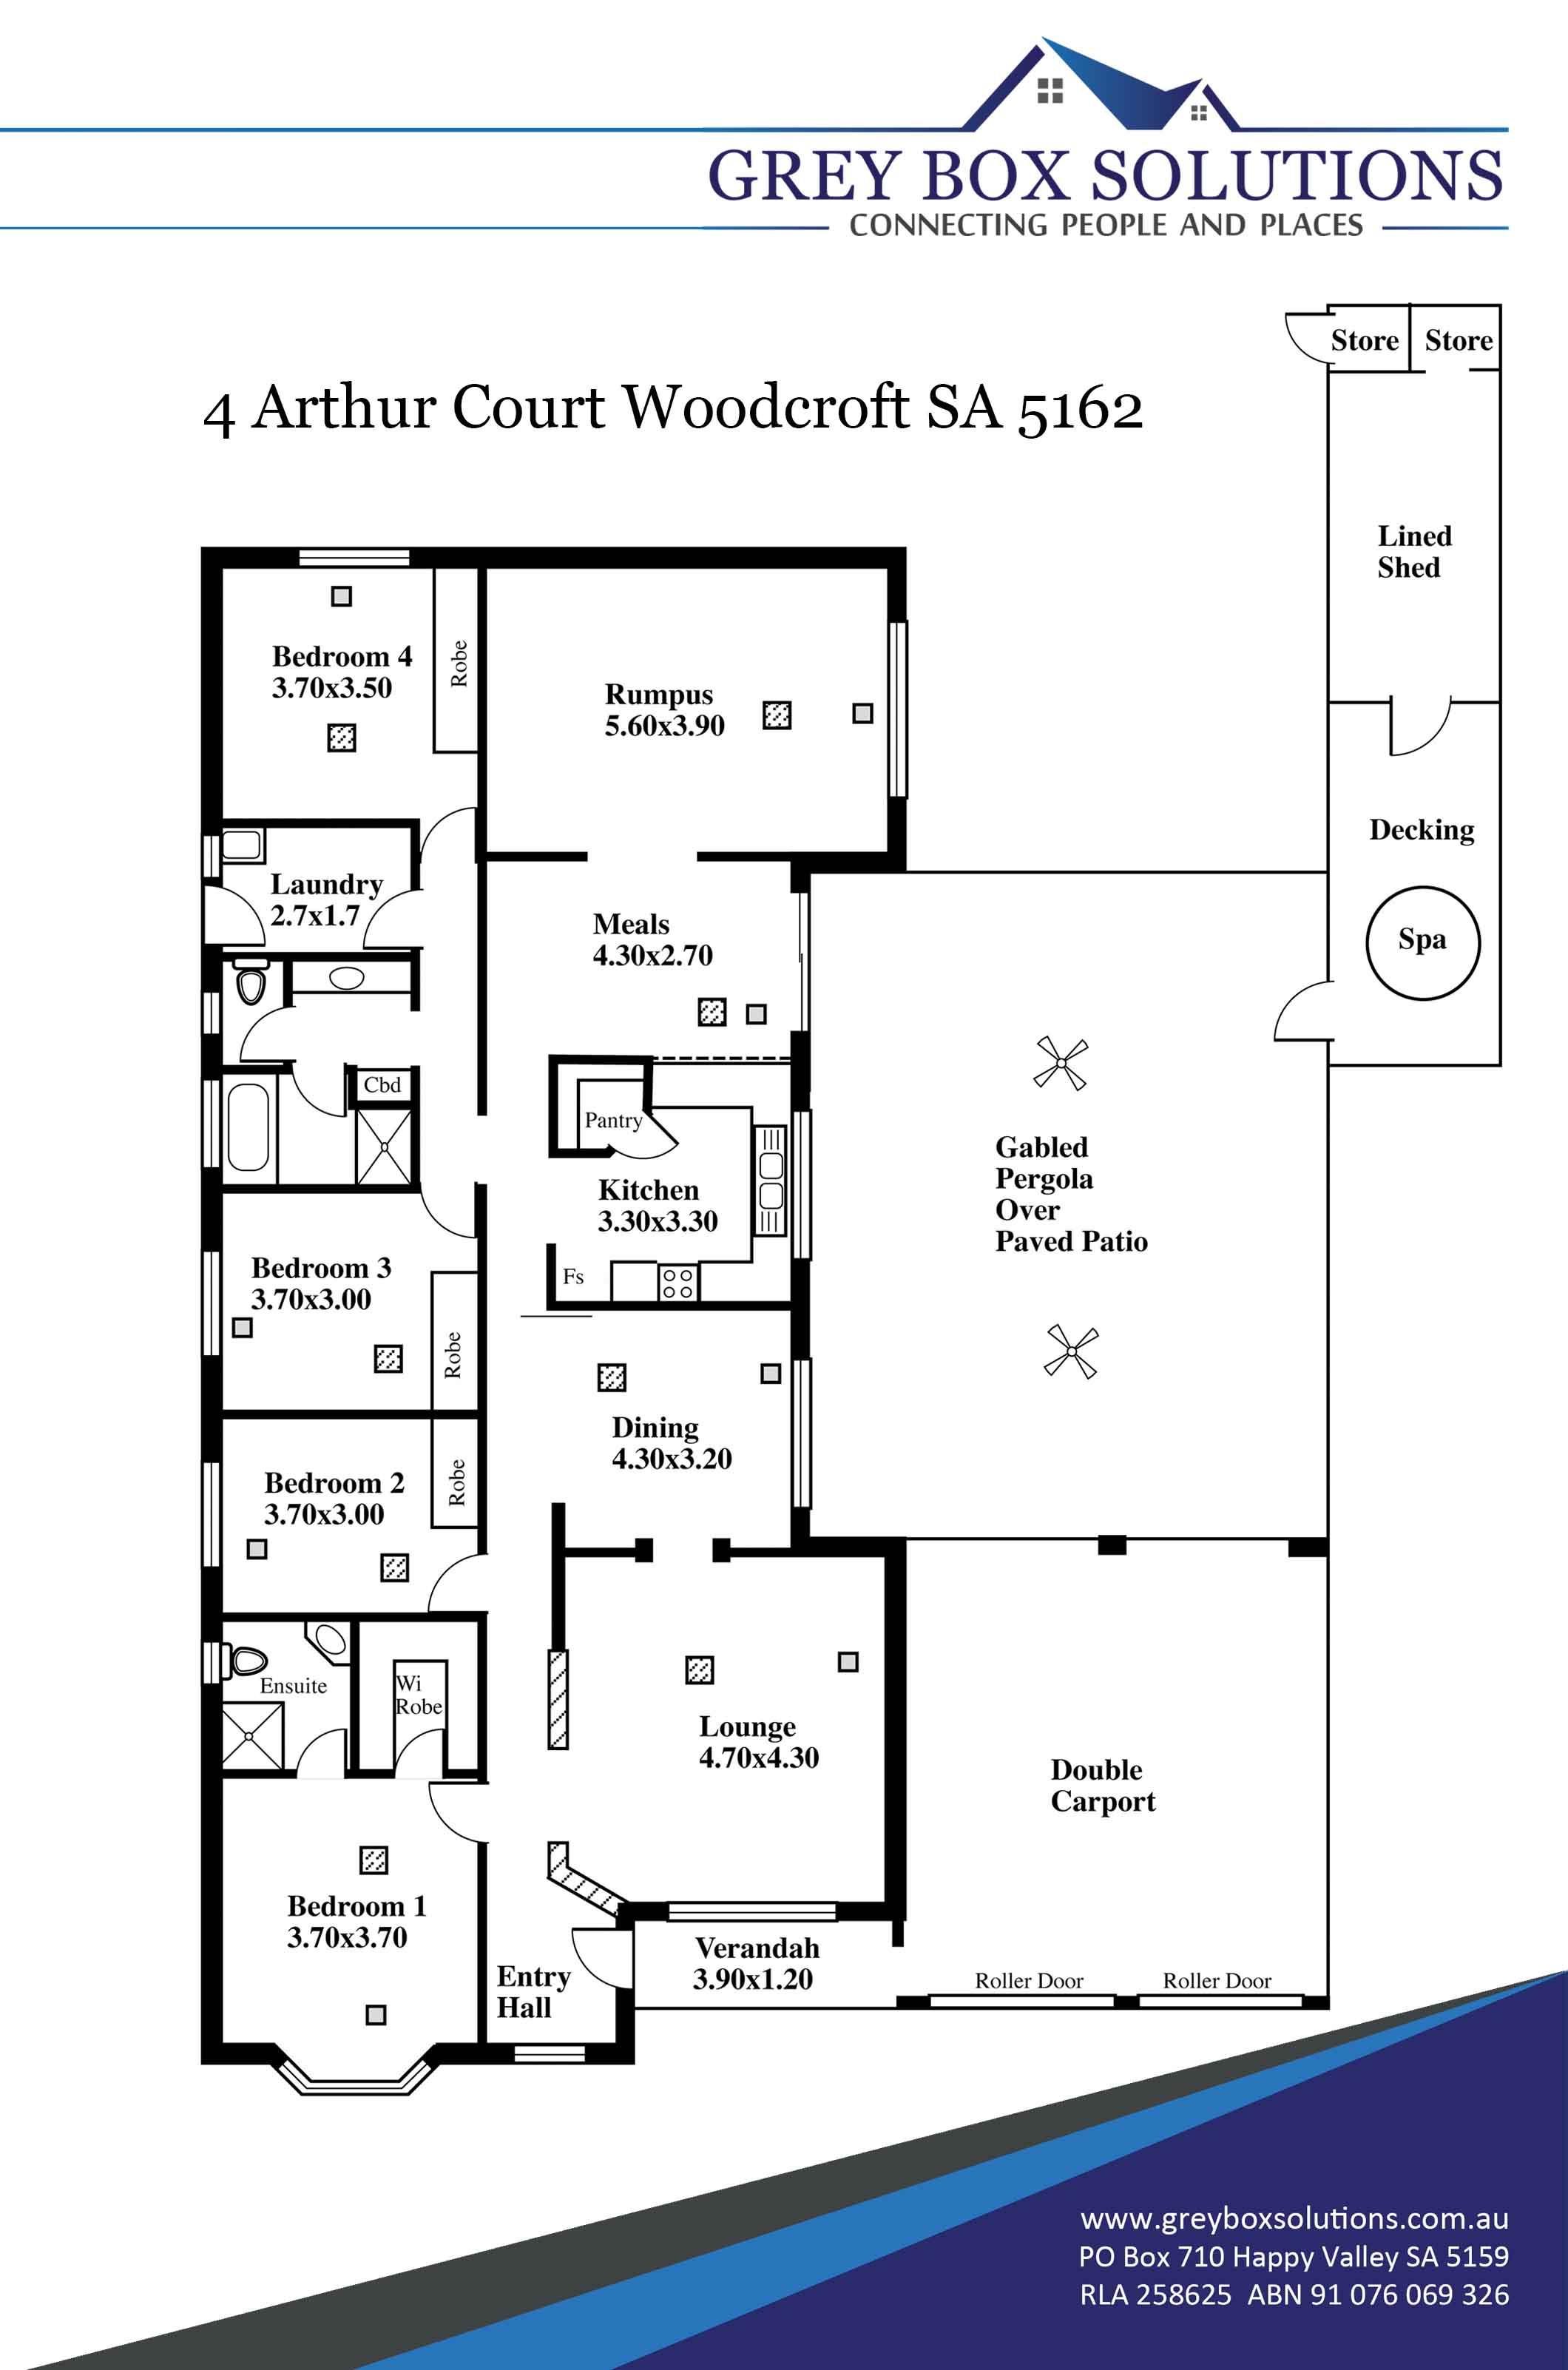 25 Floor Plan